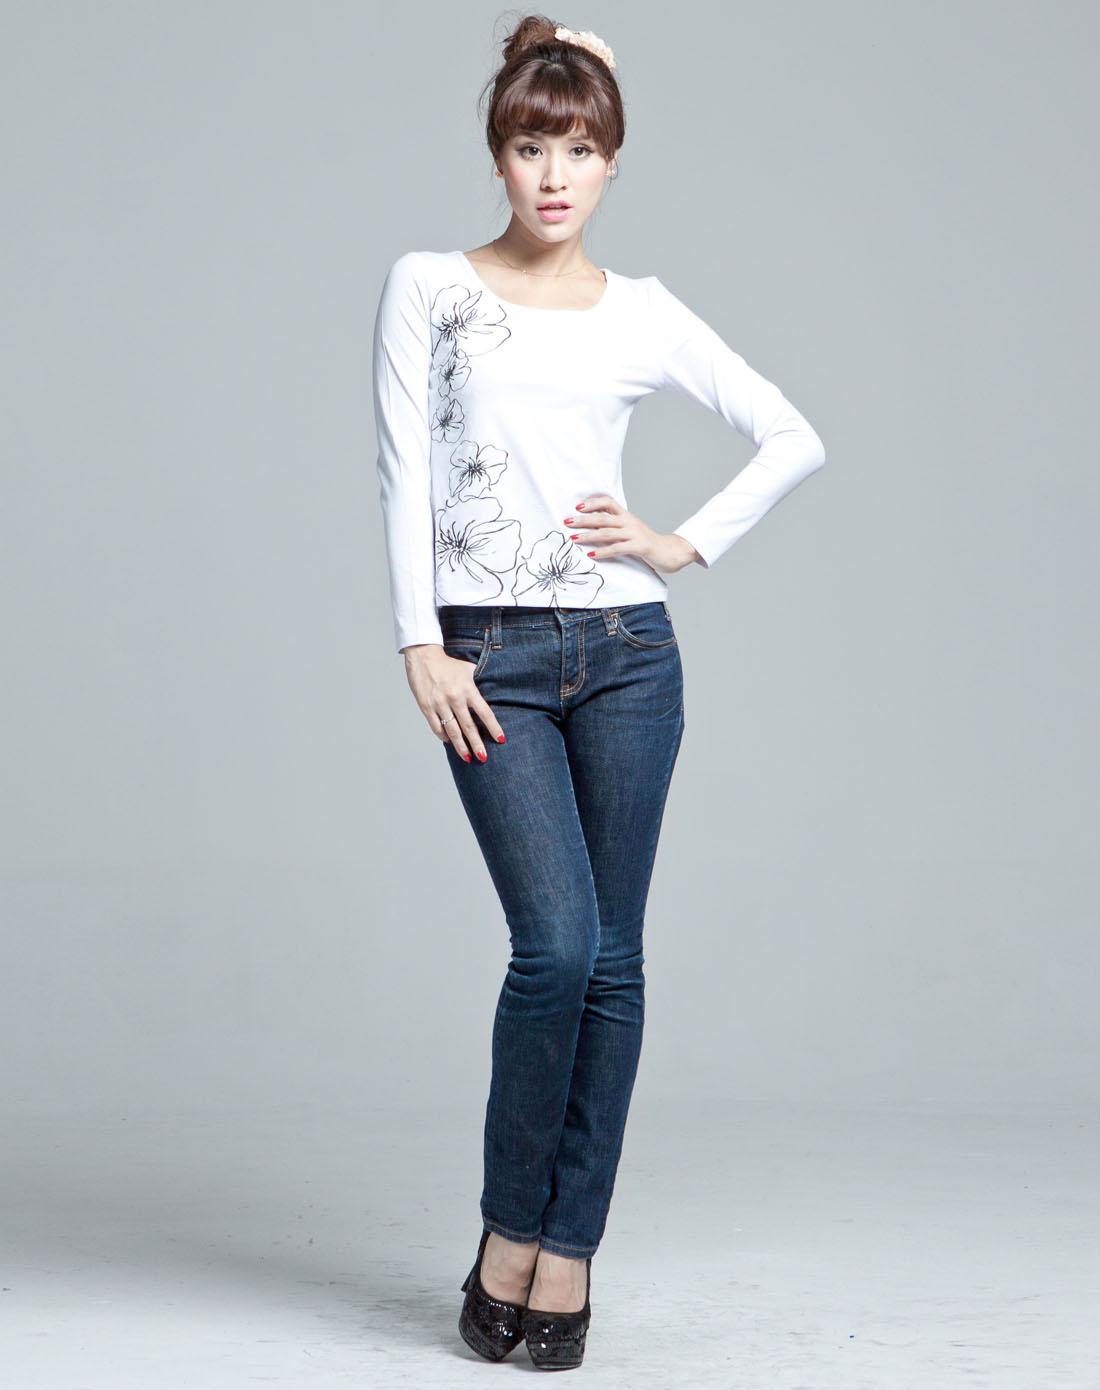 牛仔裤加白体恤手工制作